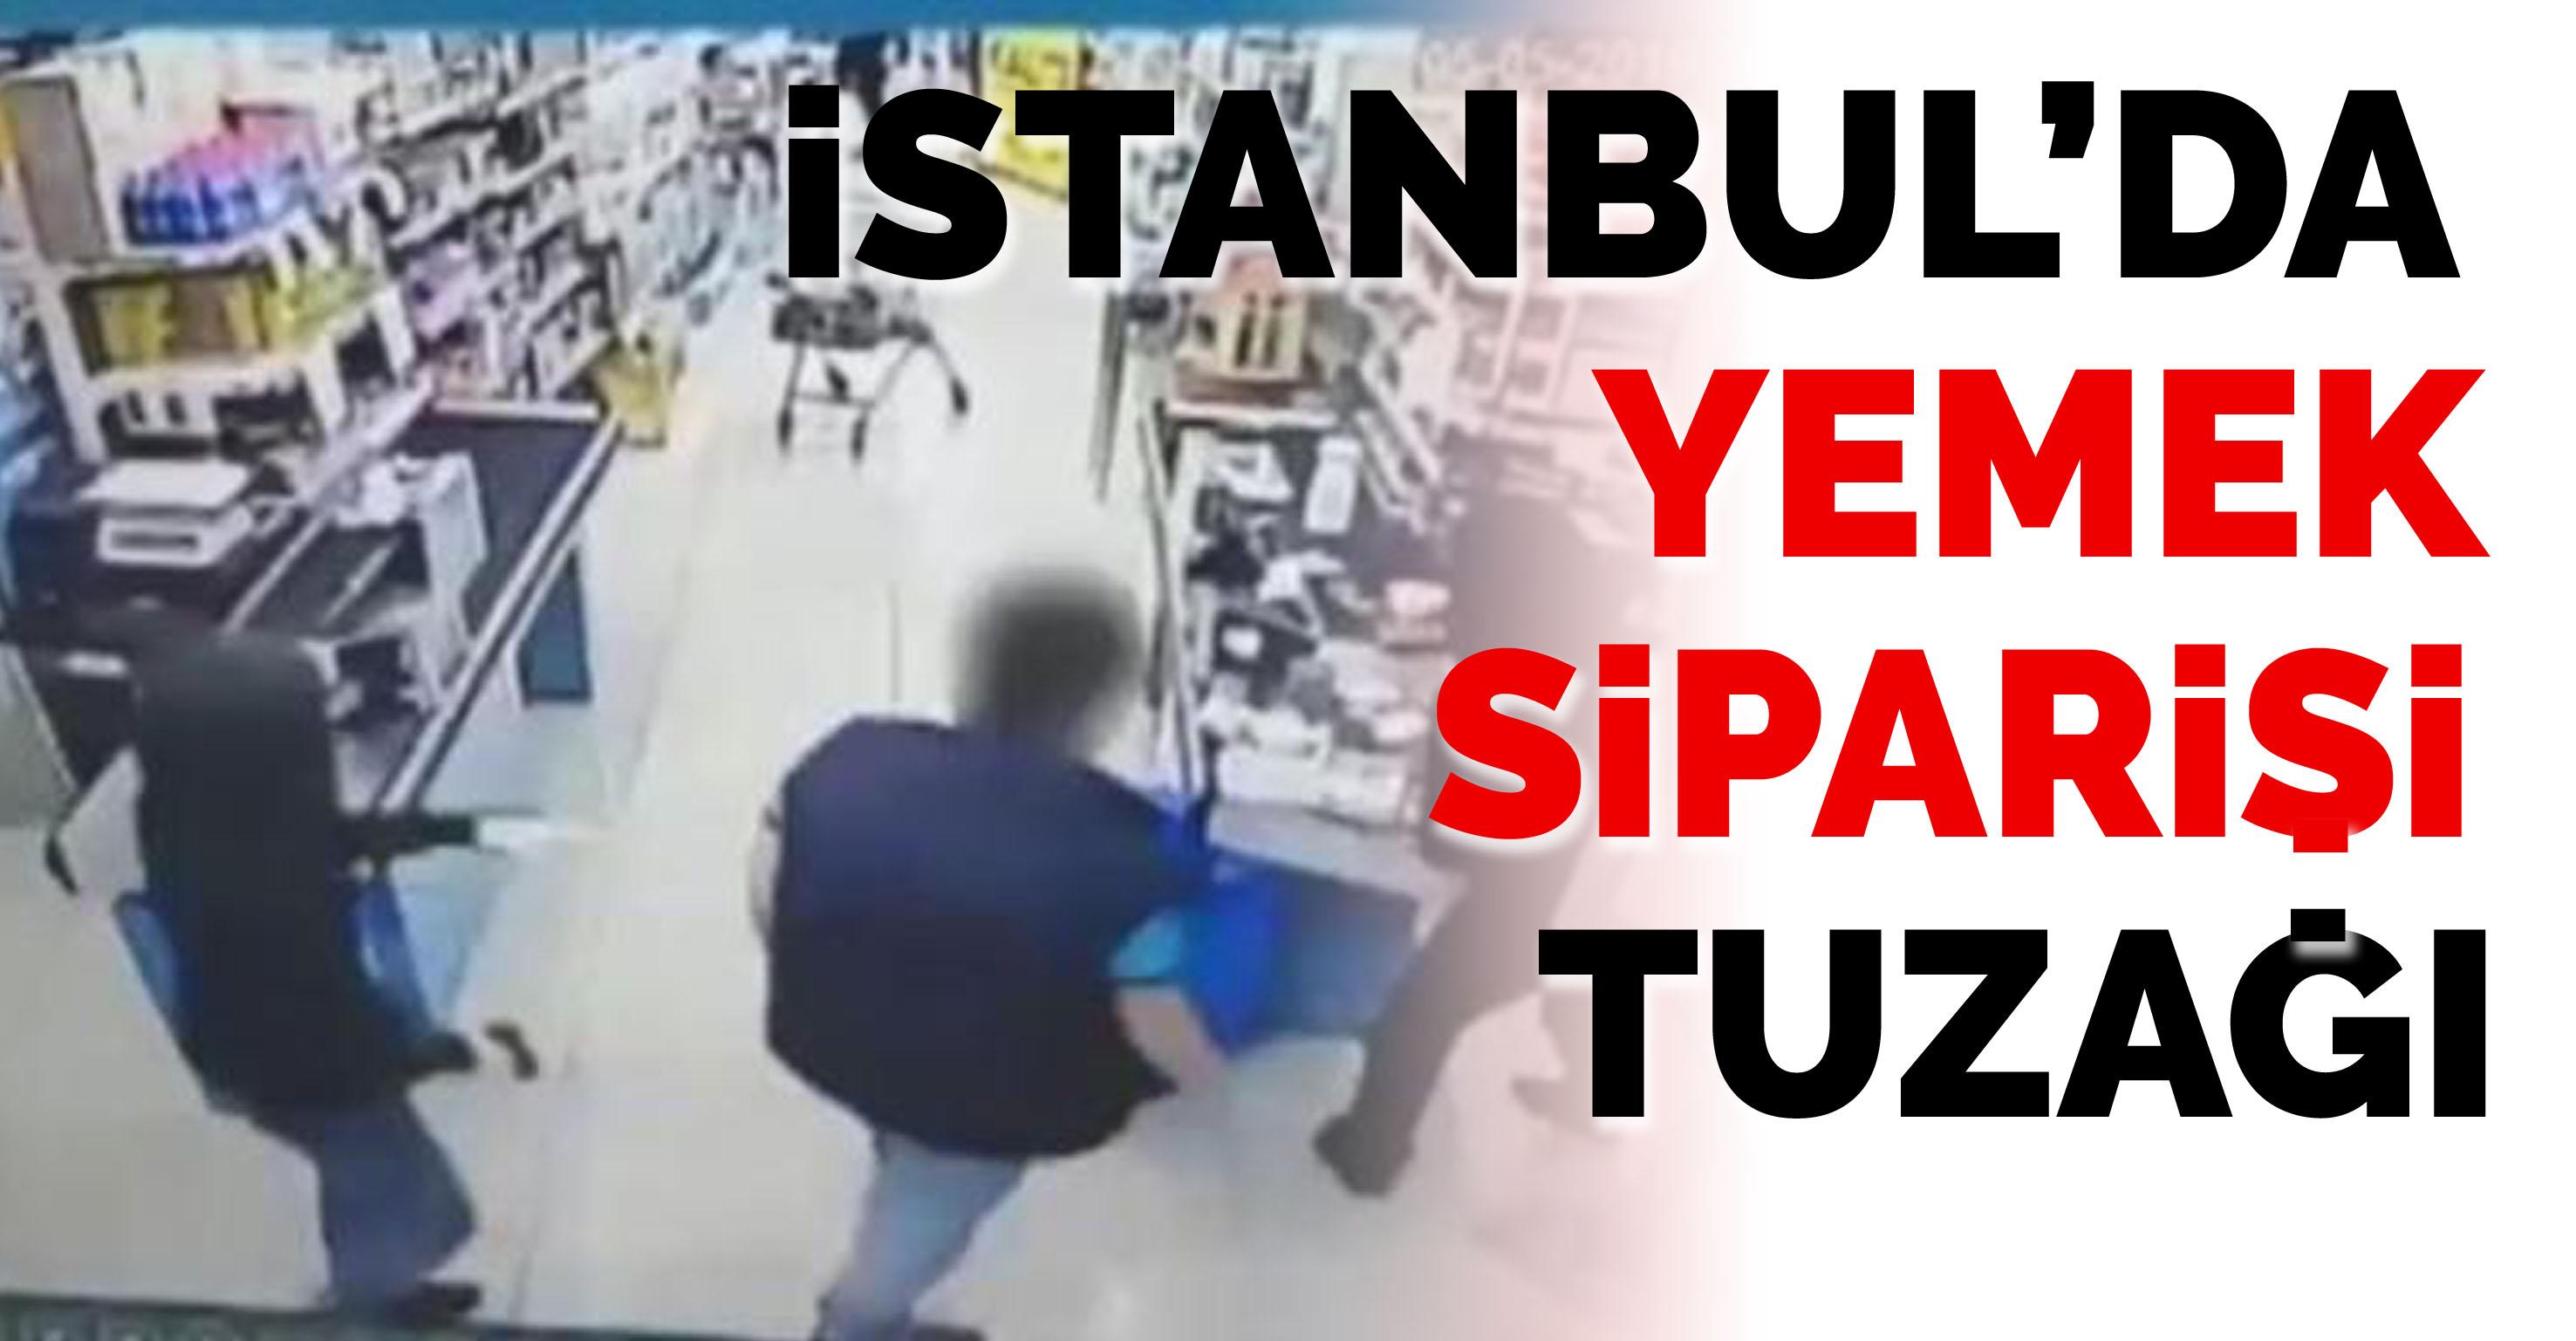 İstanbul'da yemek siparişi tuzağı… Yakalandılar